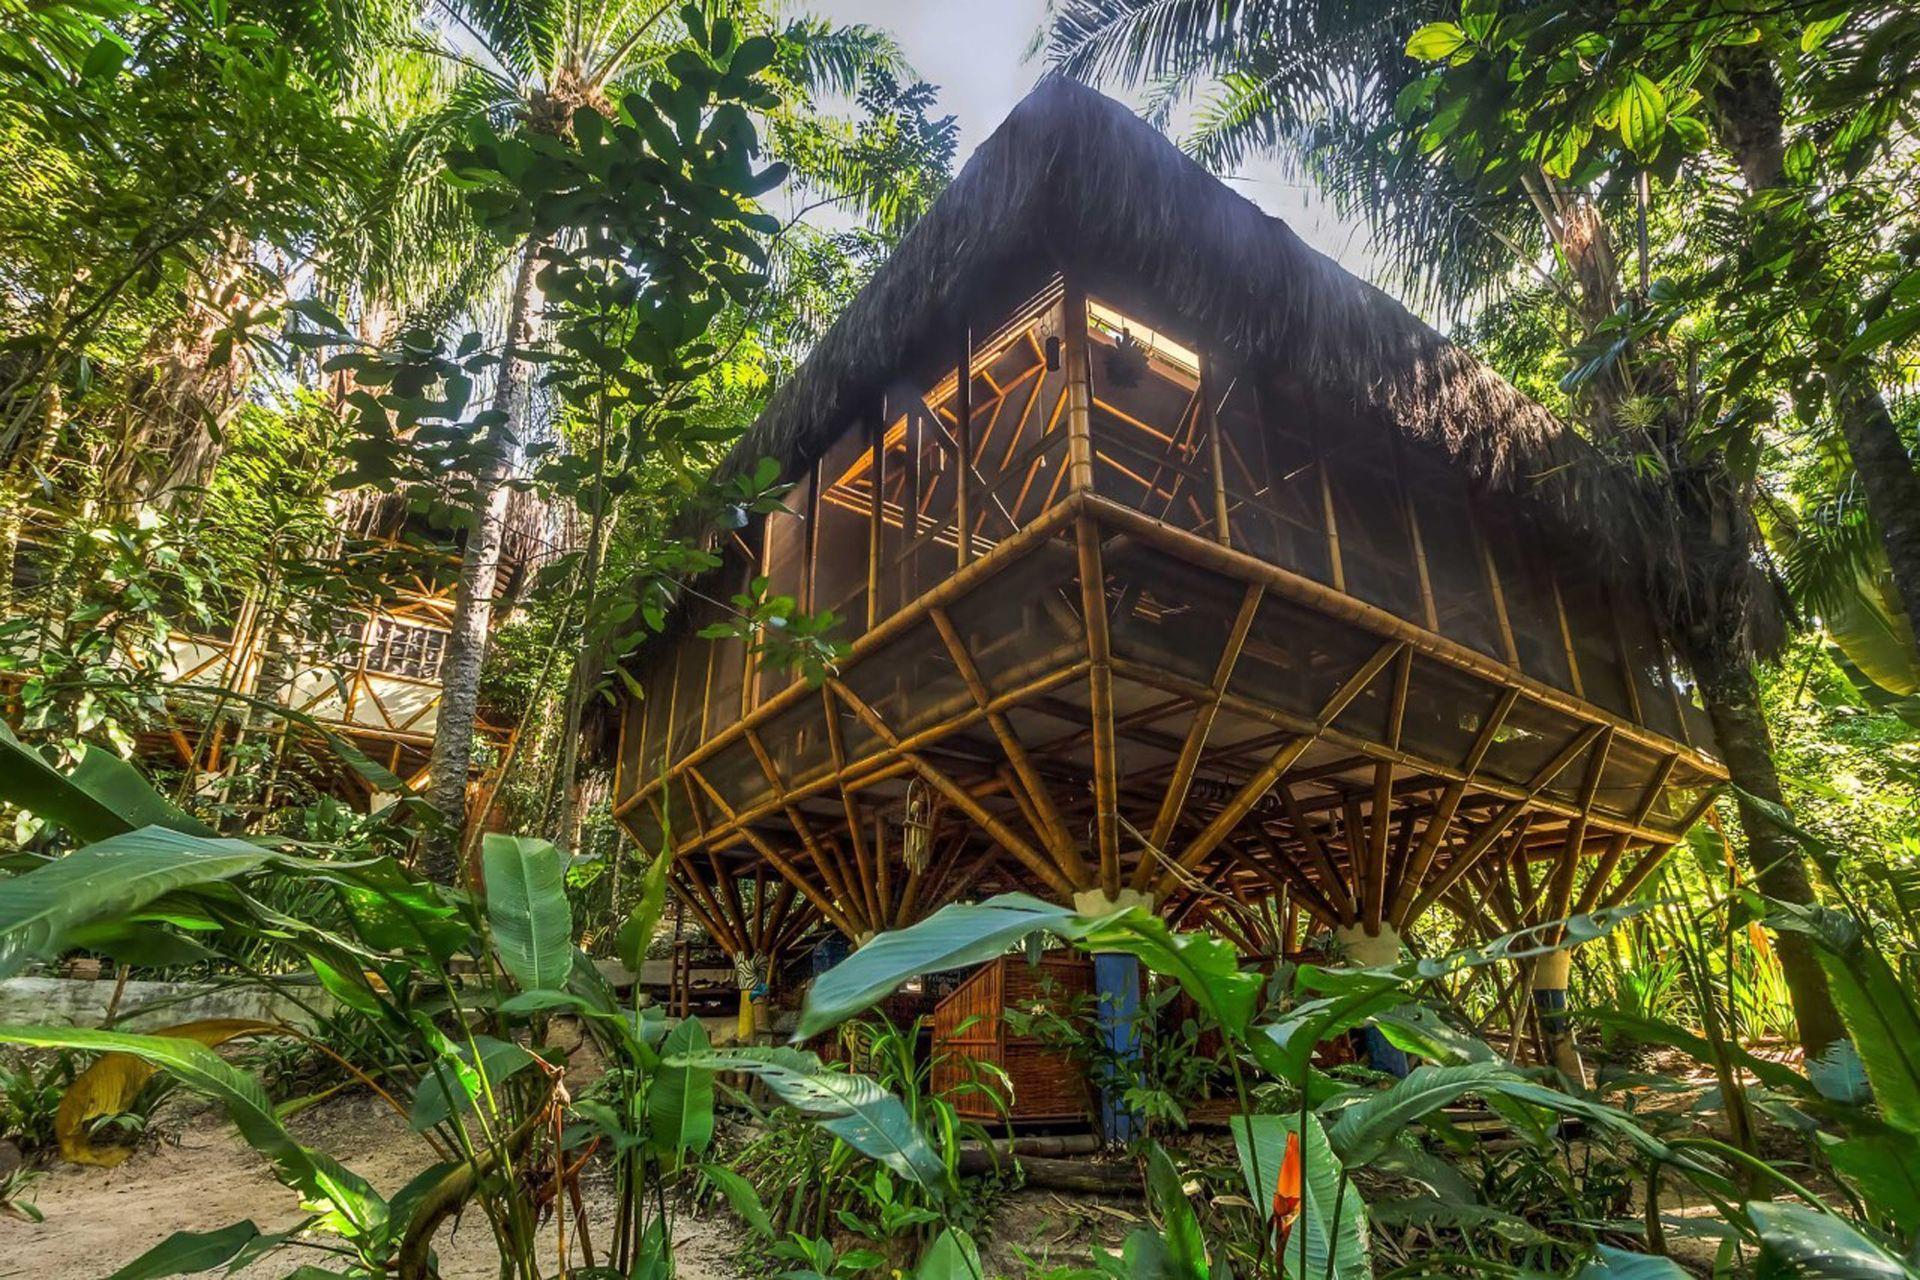 El hostel sigue creciendo, todo con materiales amigables